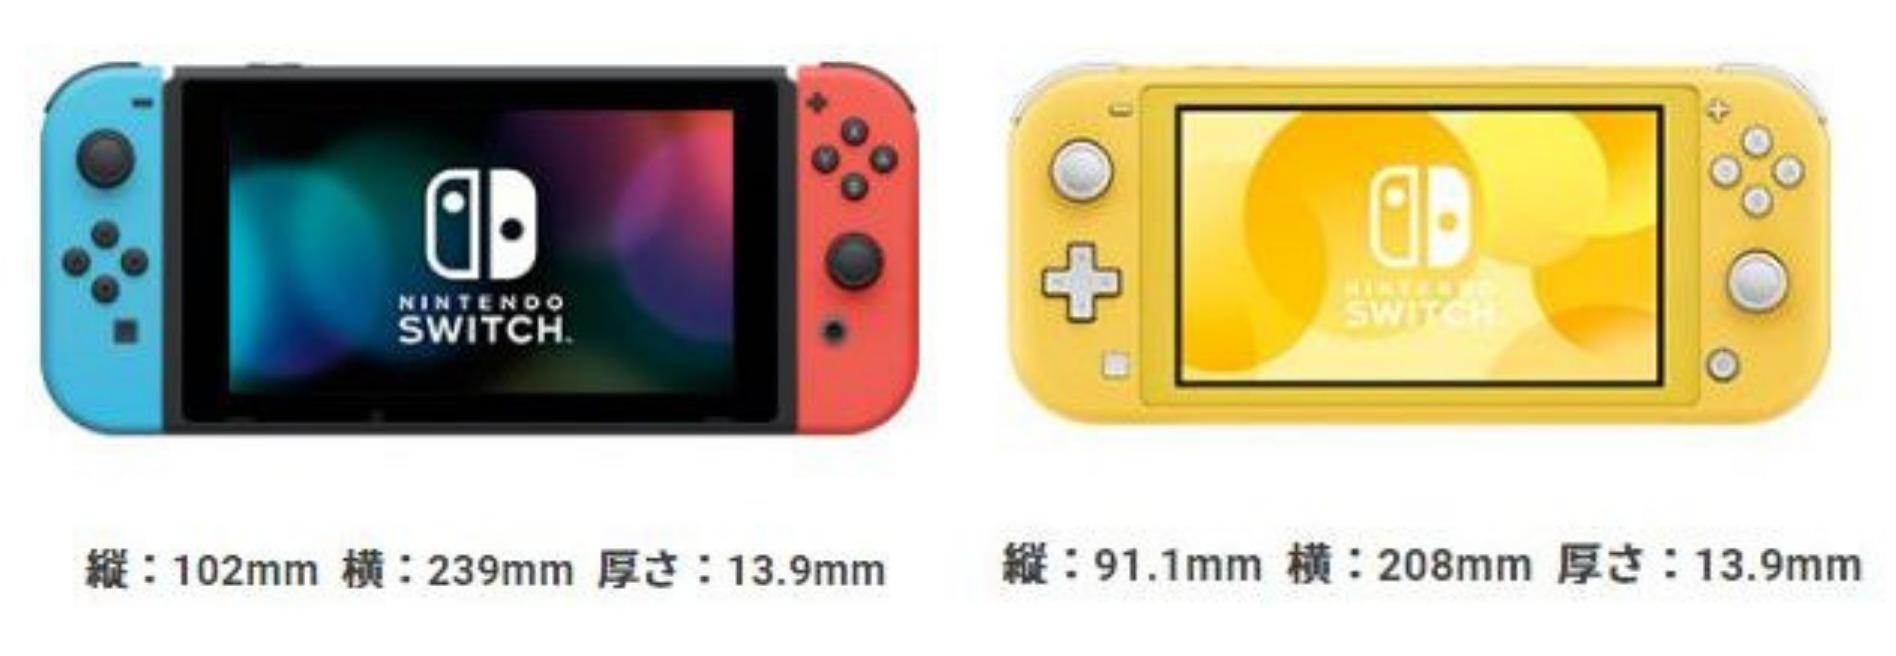 Nintendo Switch Lite サイズ